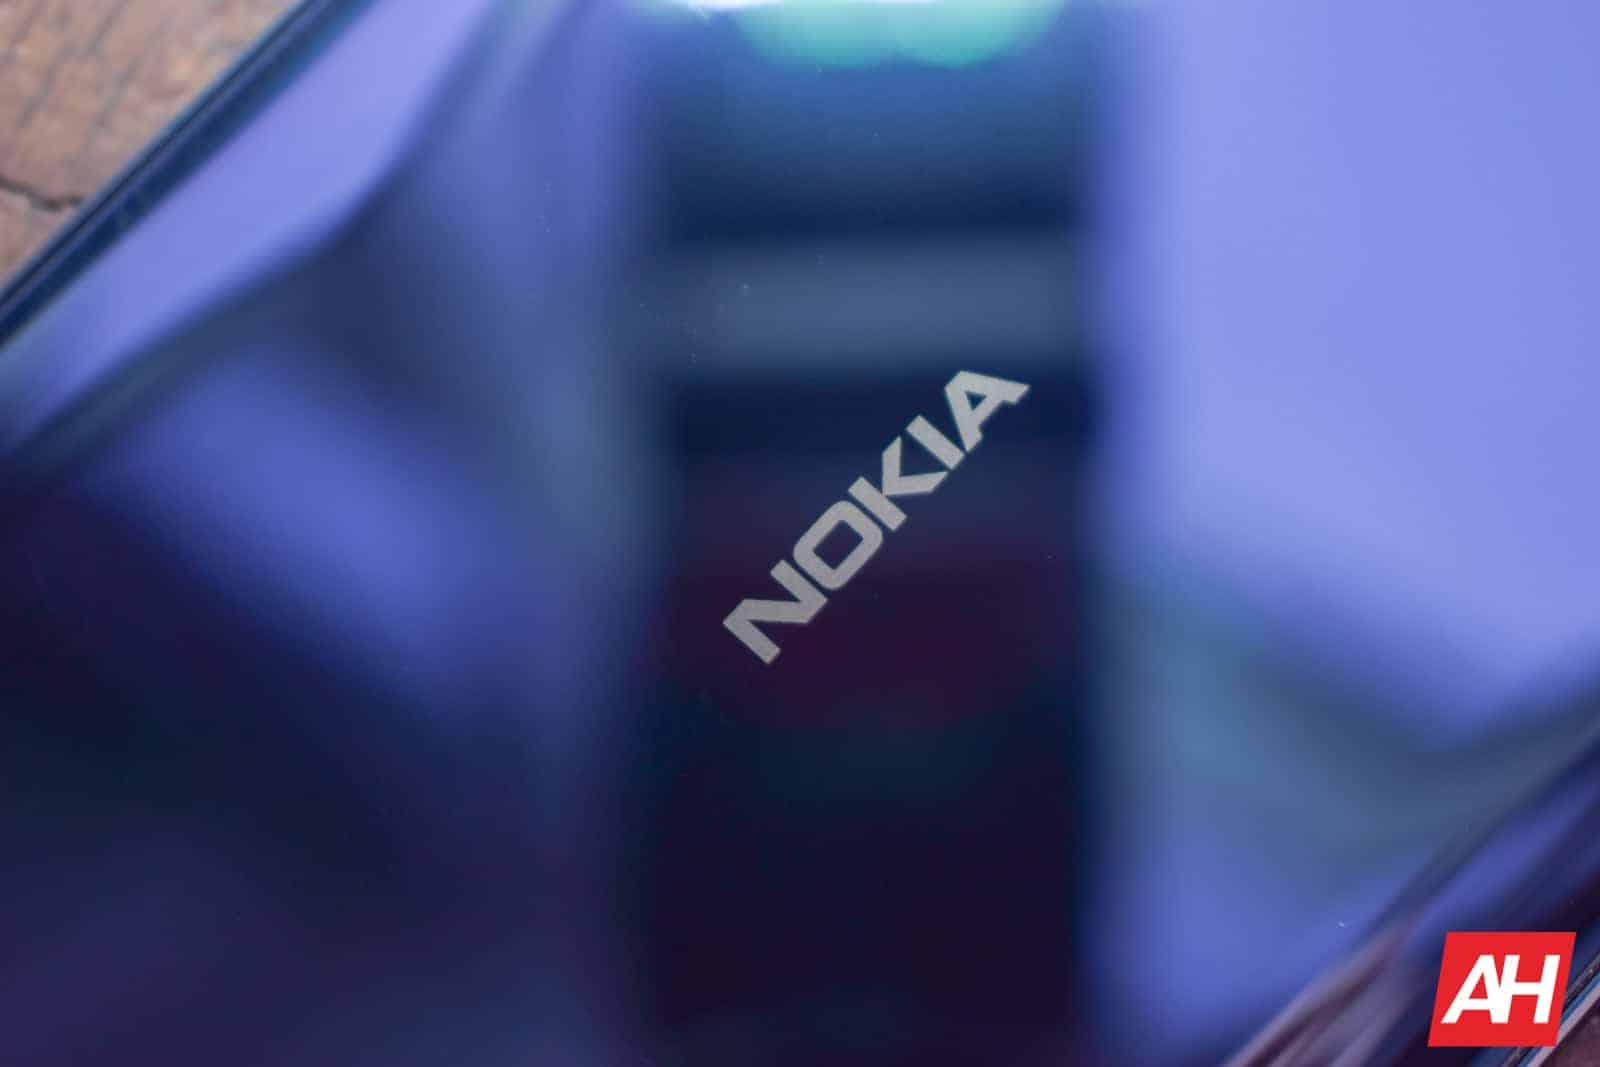 Nokia 9 MWC 2019 AM AH 8